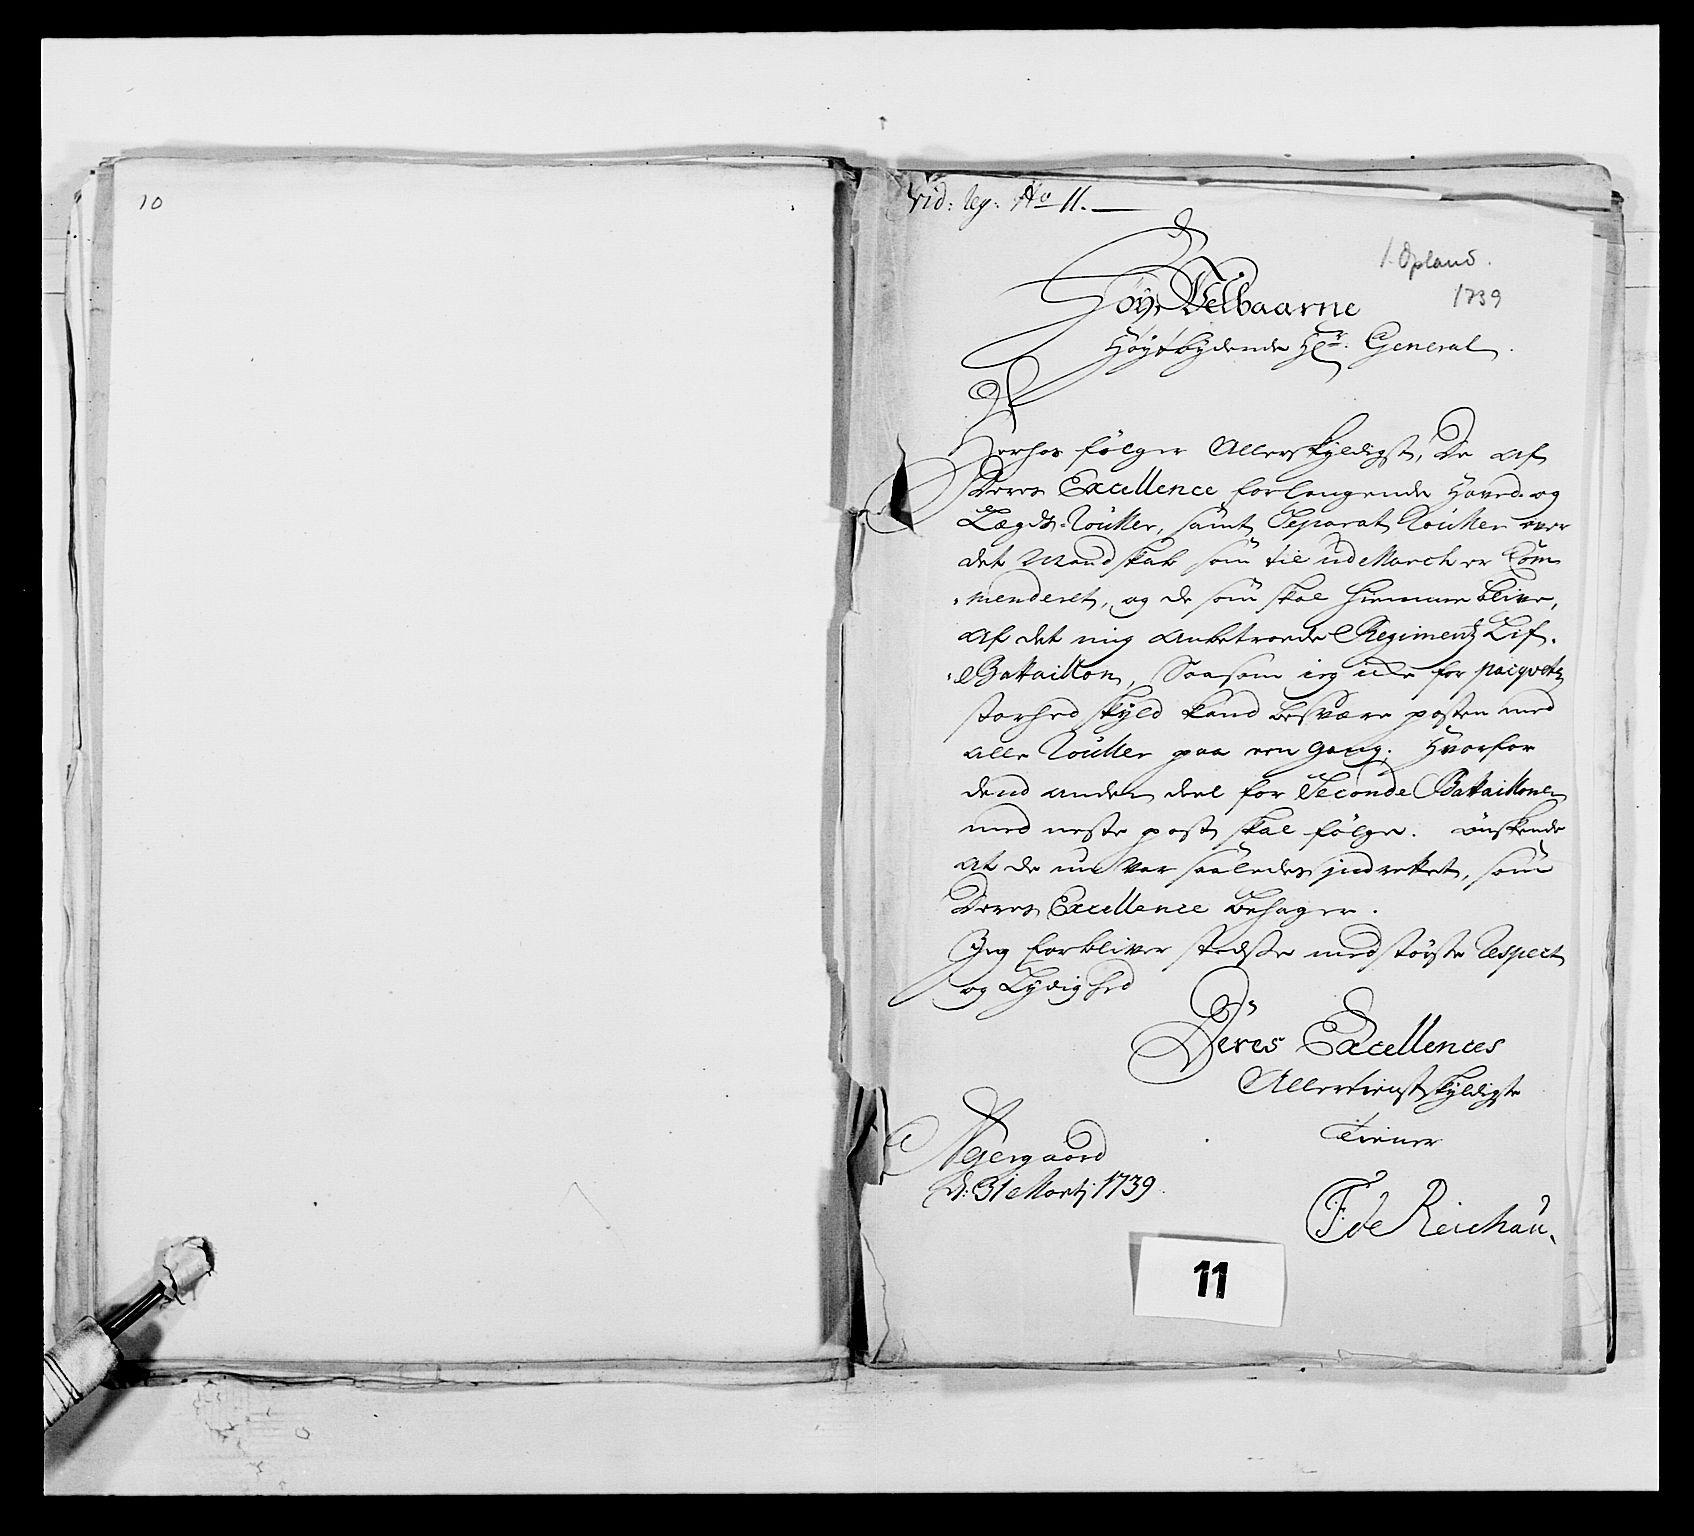 RA, Kommanderende general (KG I) med Det norske krigsdirektorium, E/Ea/L0502: 1. Opplandske regiment, 1720-1743, s. 118